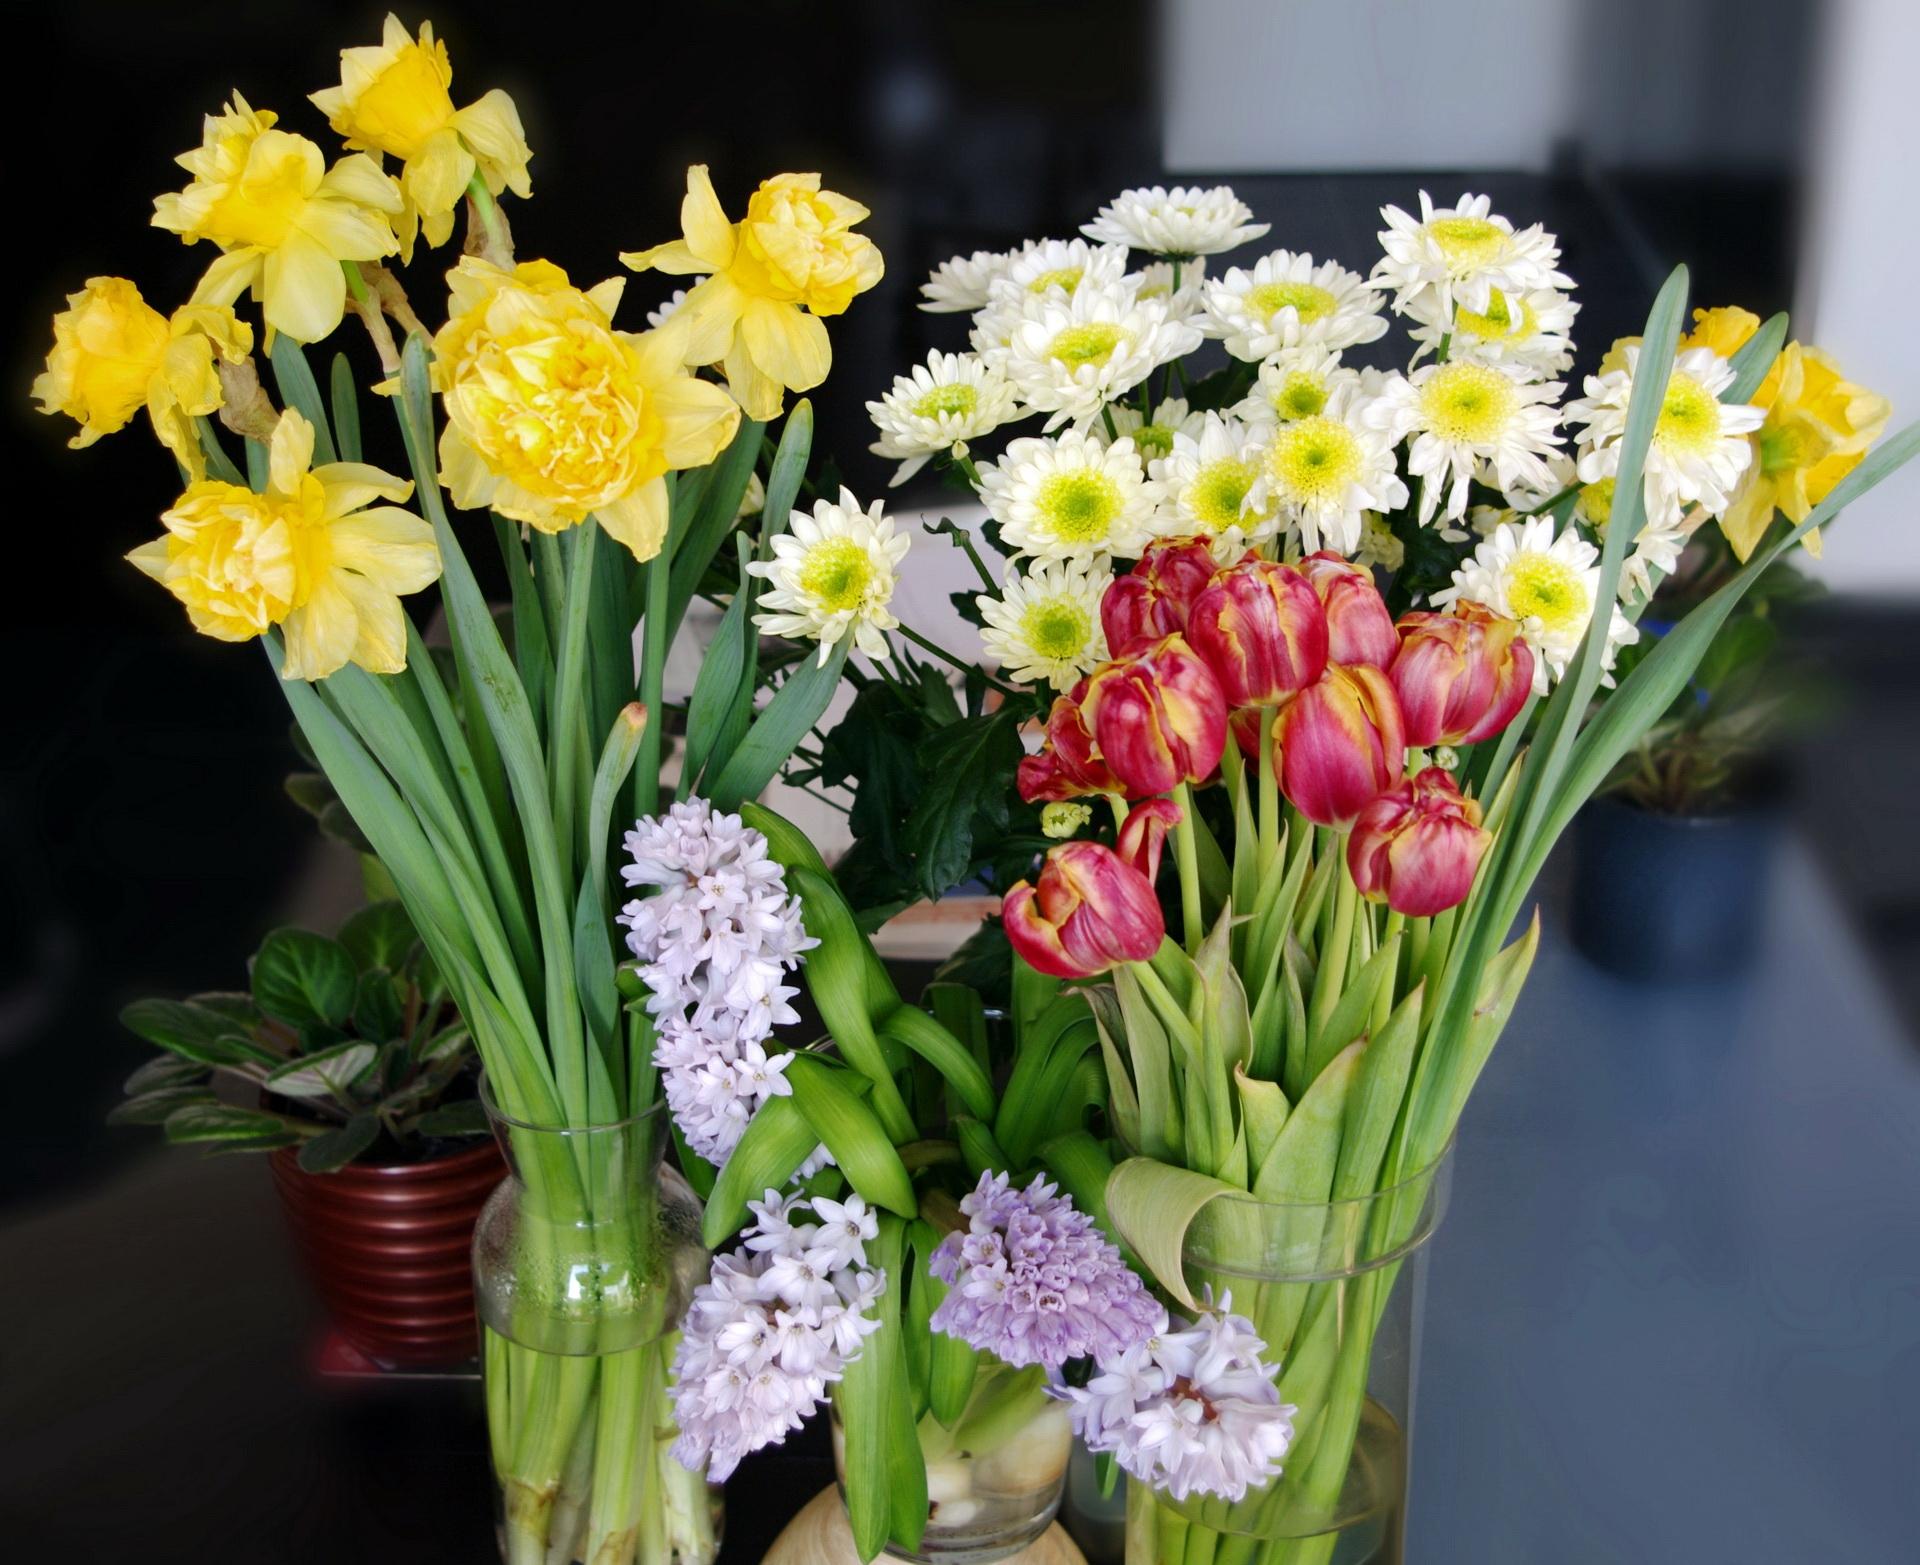 87839 télécharger le fond d'écran Fleurs, Camomille, Vase, Vases, Tulipes, Narcisses, Bouquets - économiseurs d'écran et images gratuitement